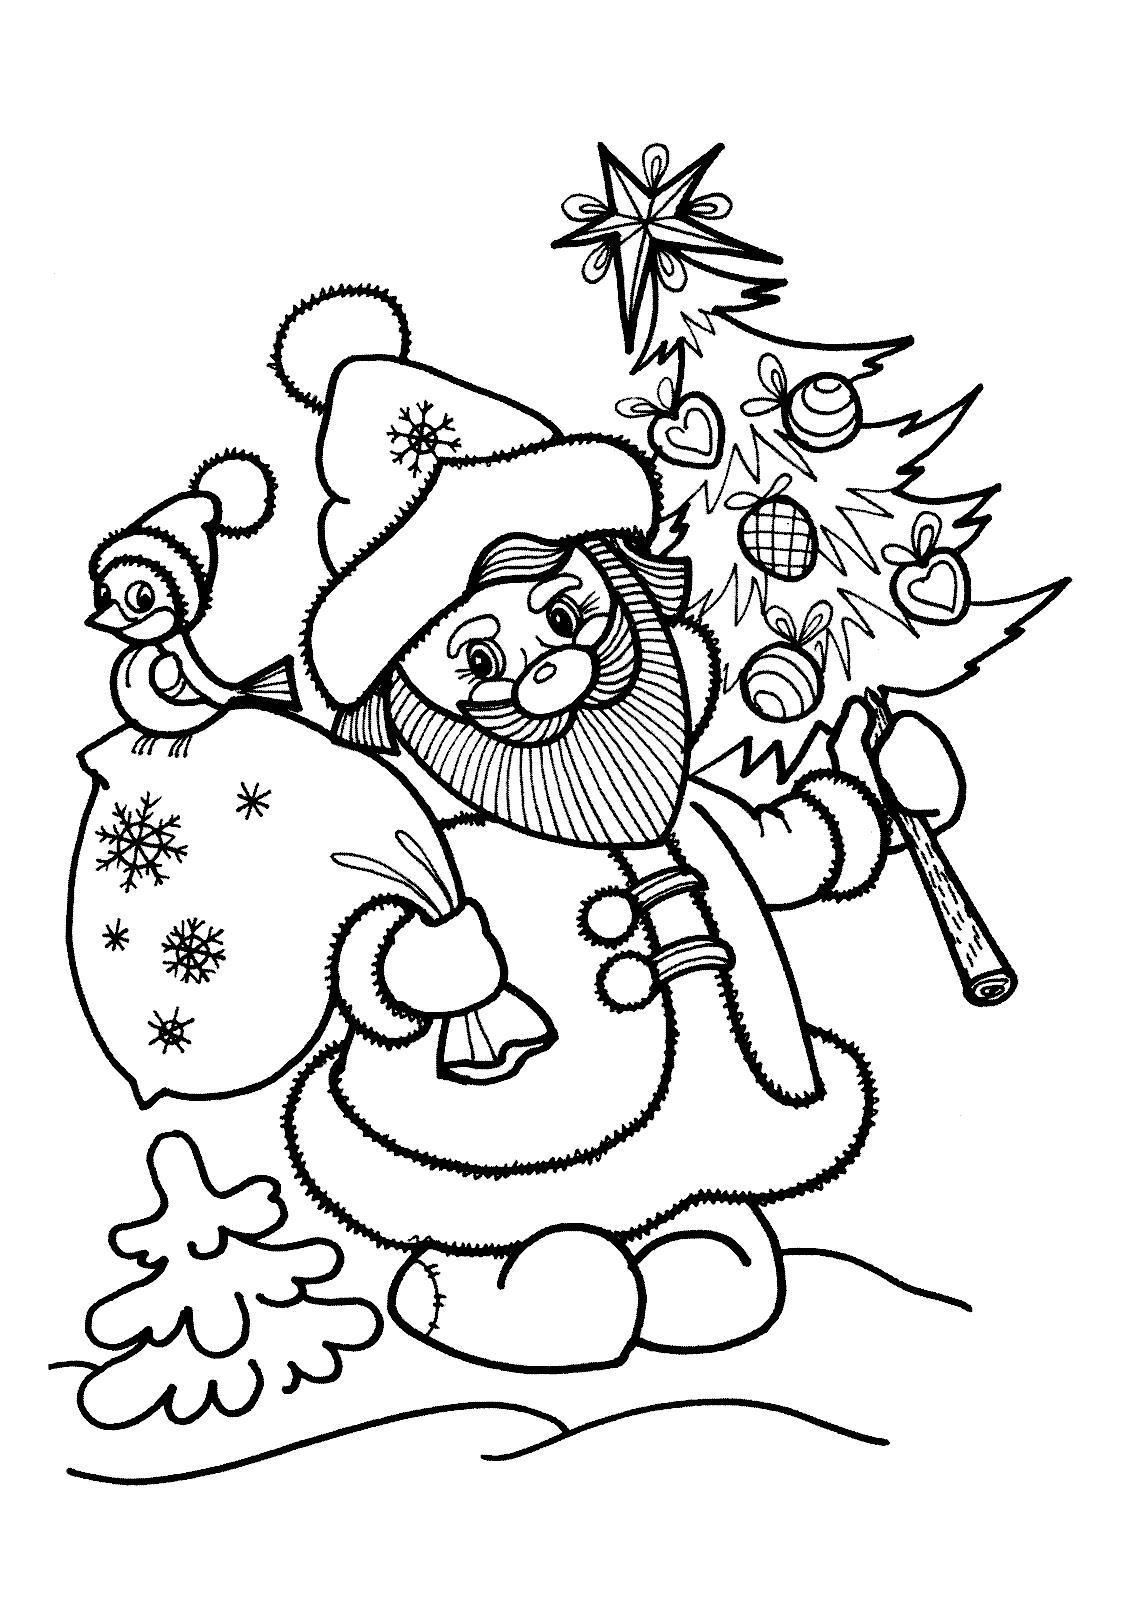 Деревенский дед мороз с елочкой и подарками Раскраска зима пришла